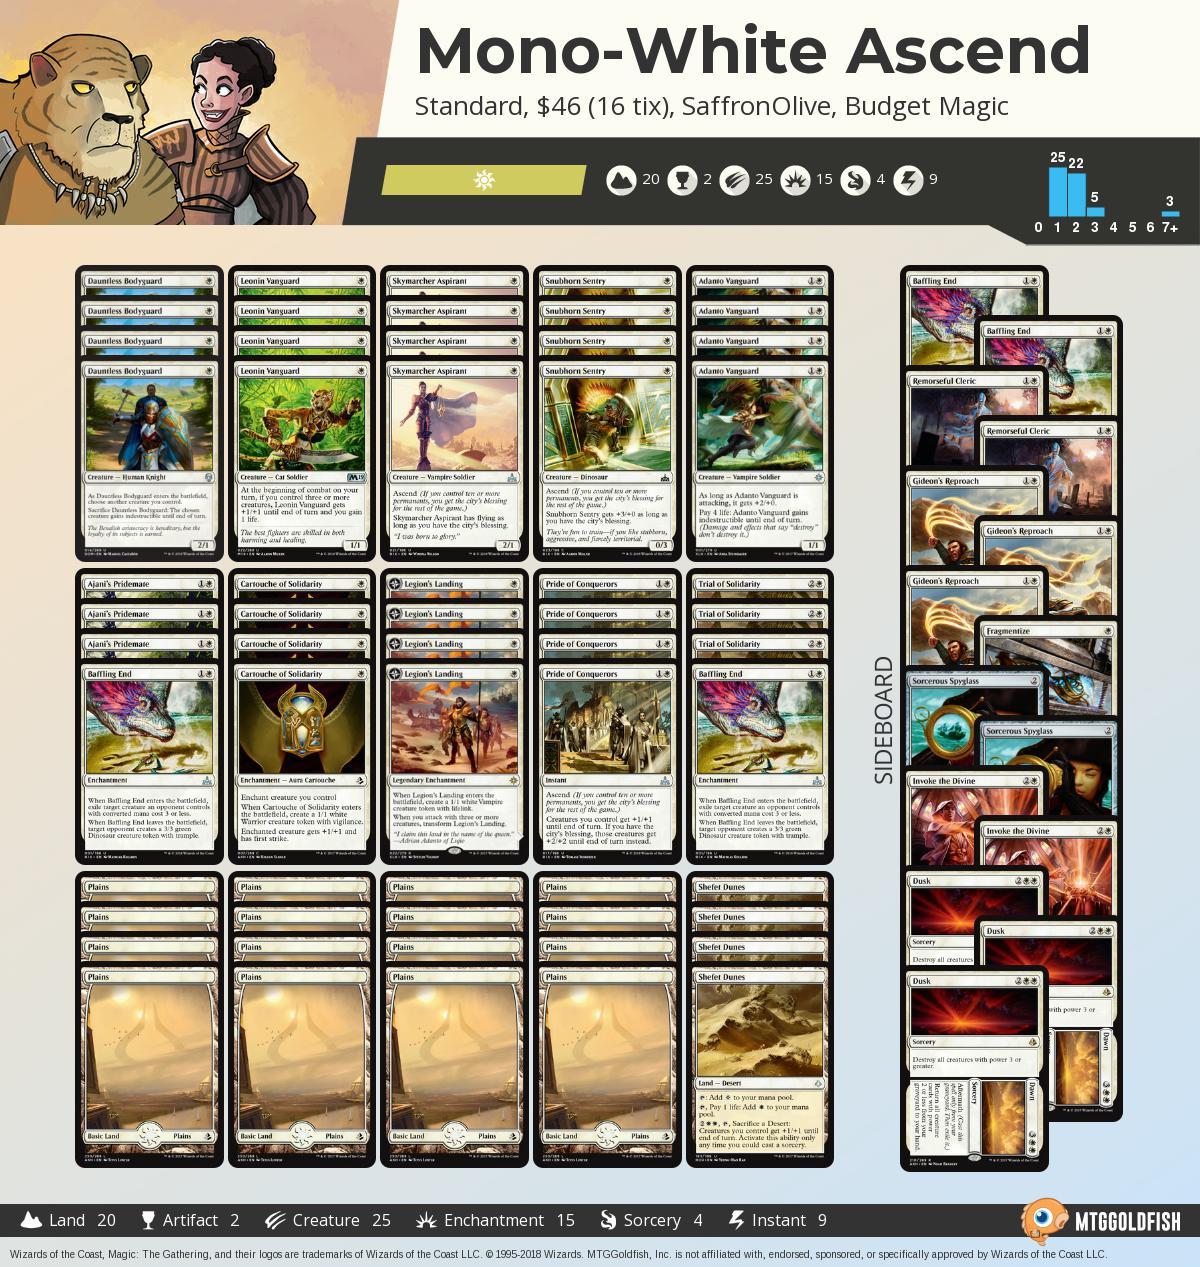 Mono white%2bascend 30b862dc 2f76 498e 9d48 5d230f3c1662%2ejpg